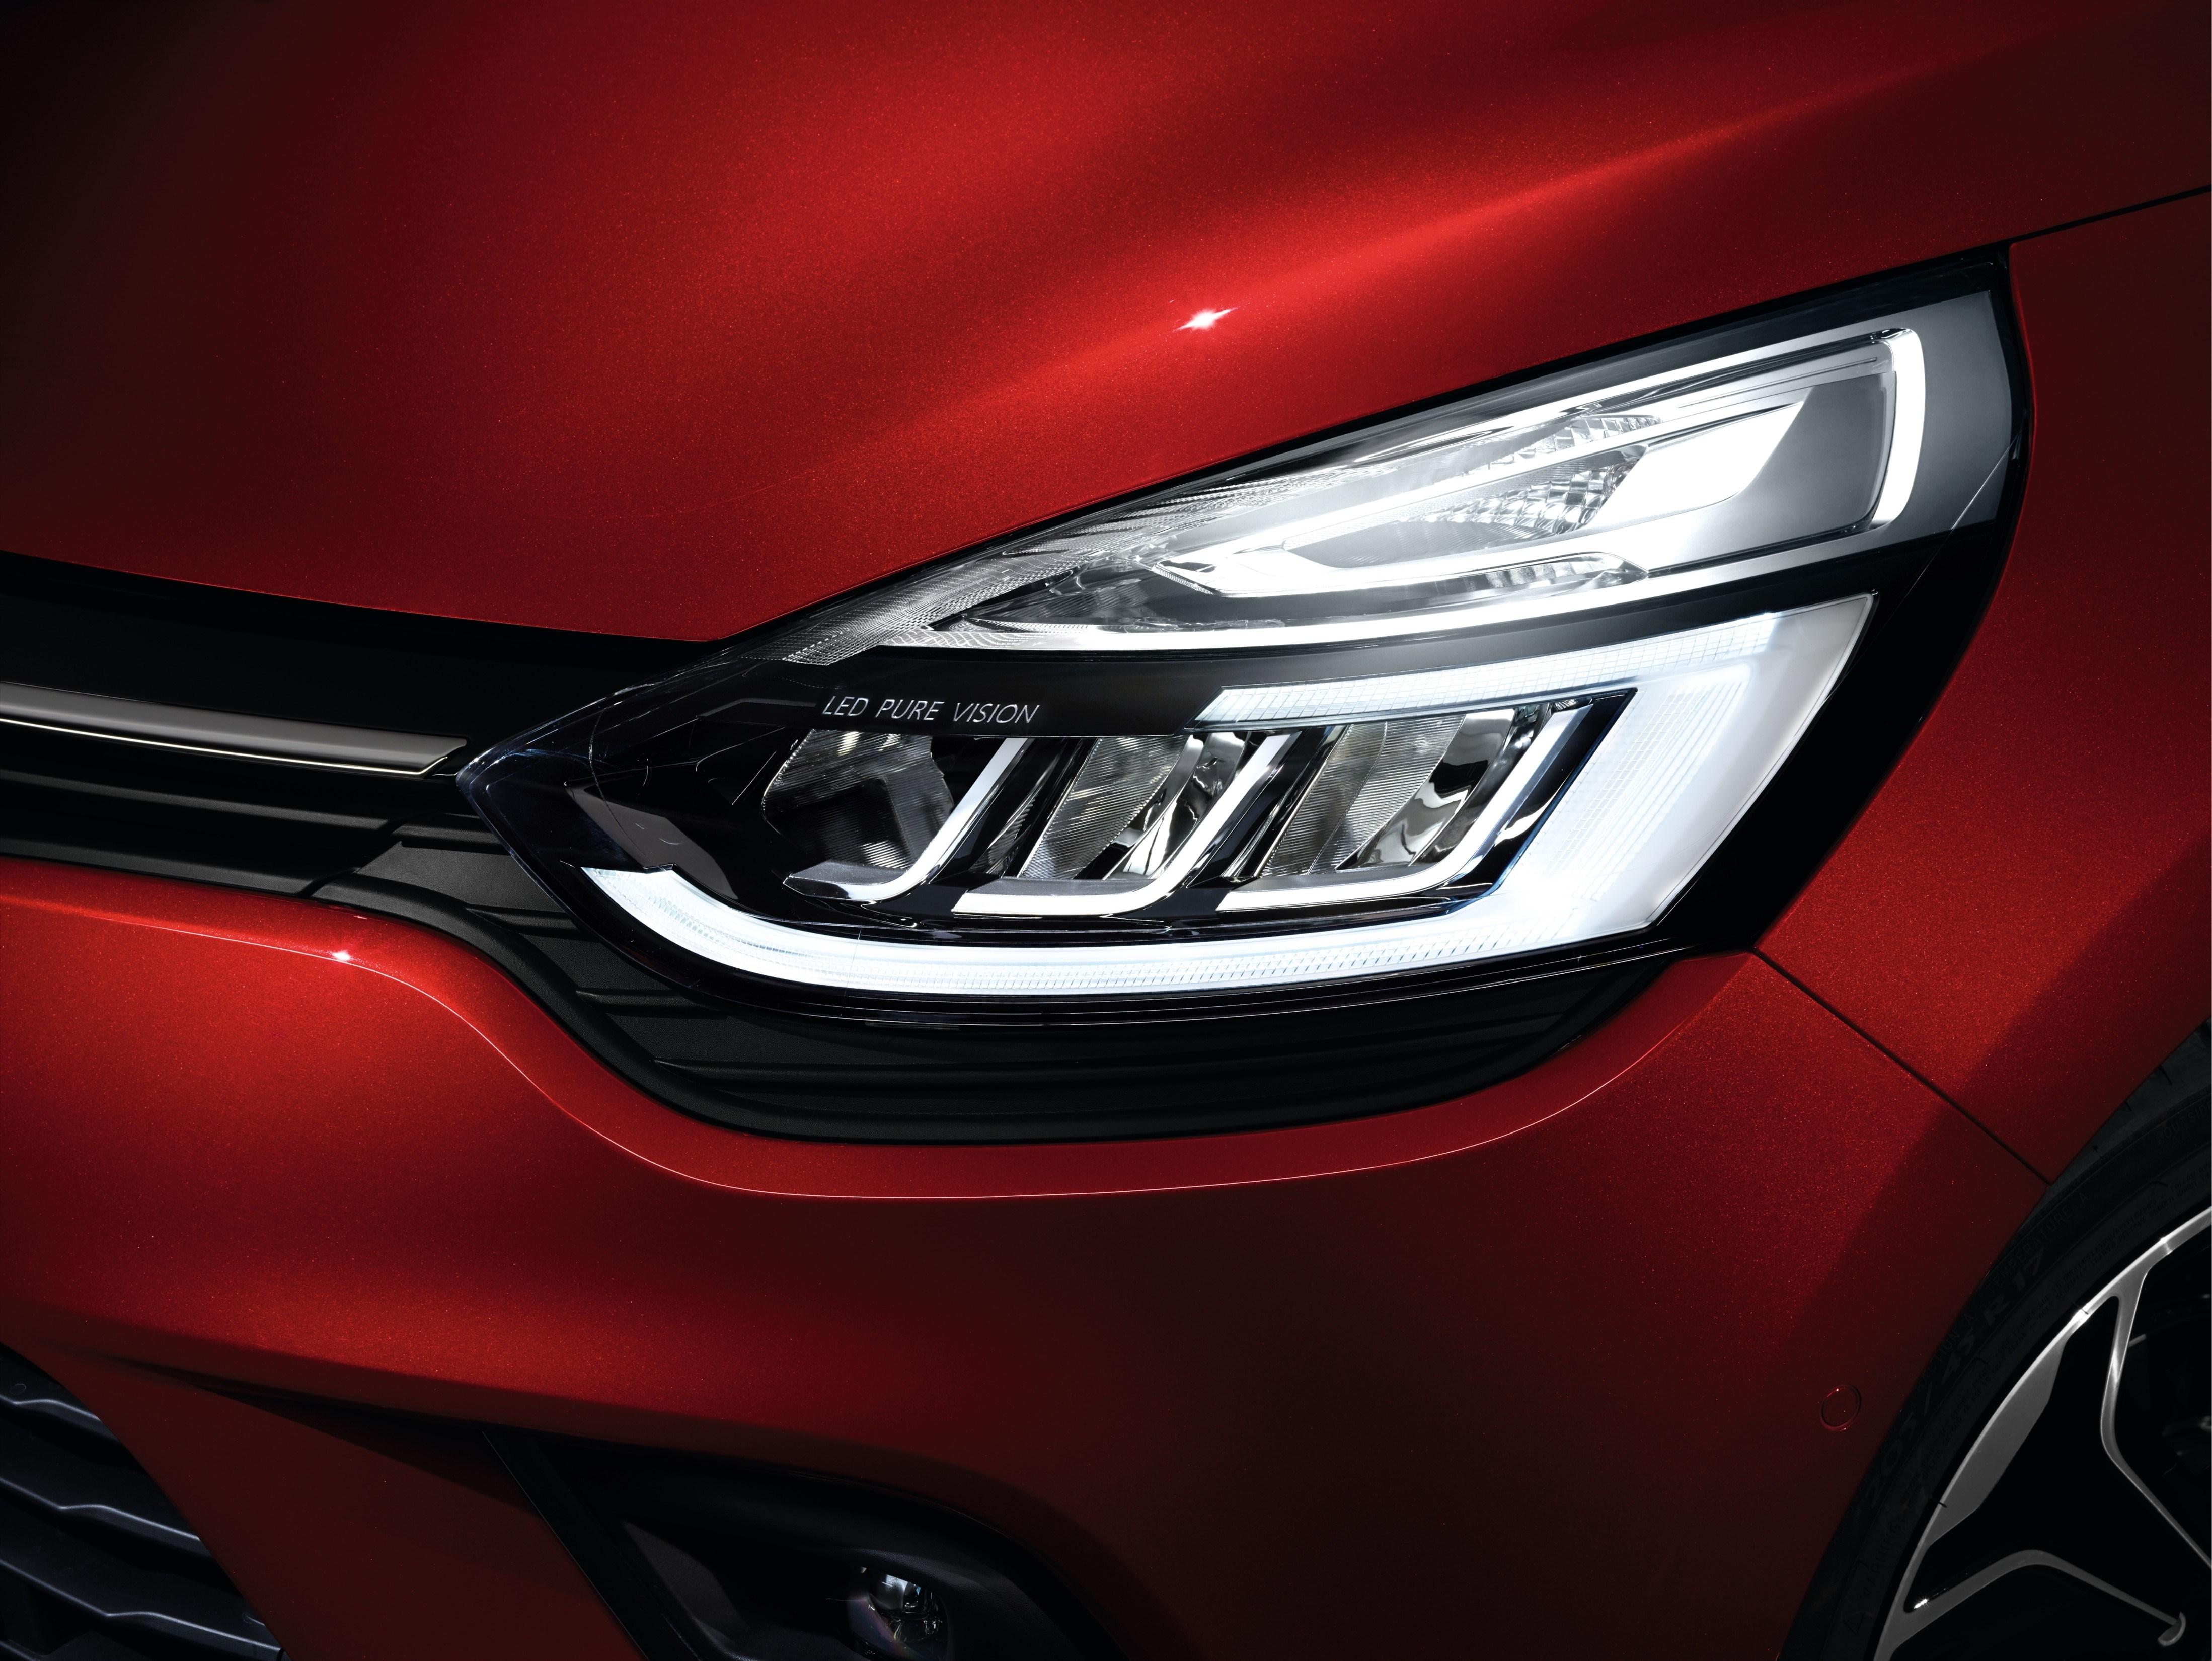 Περισσότερα κίνητρα από την Renault για την απόκτηση του Clio